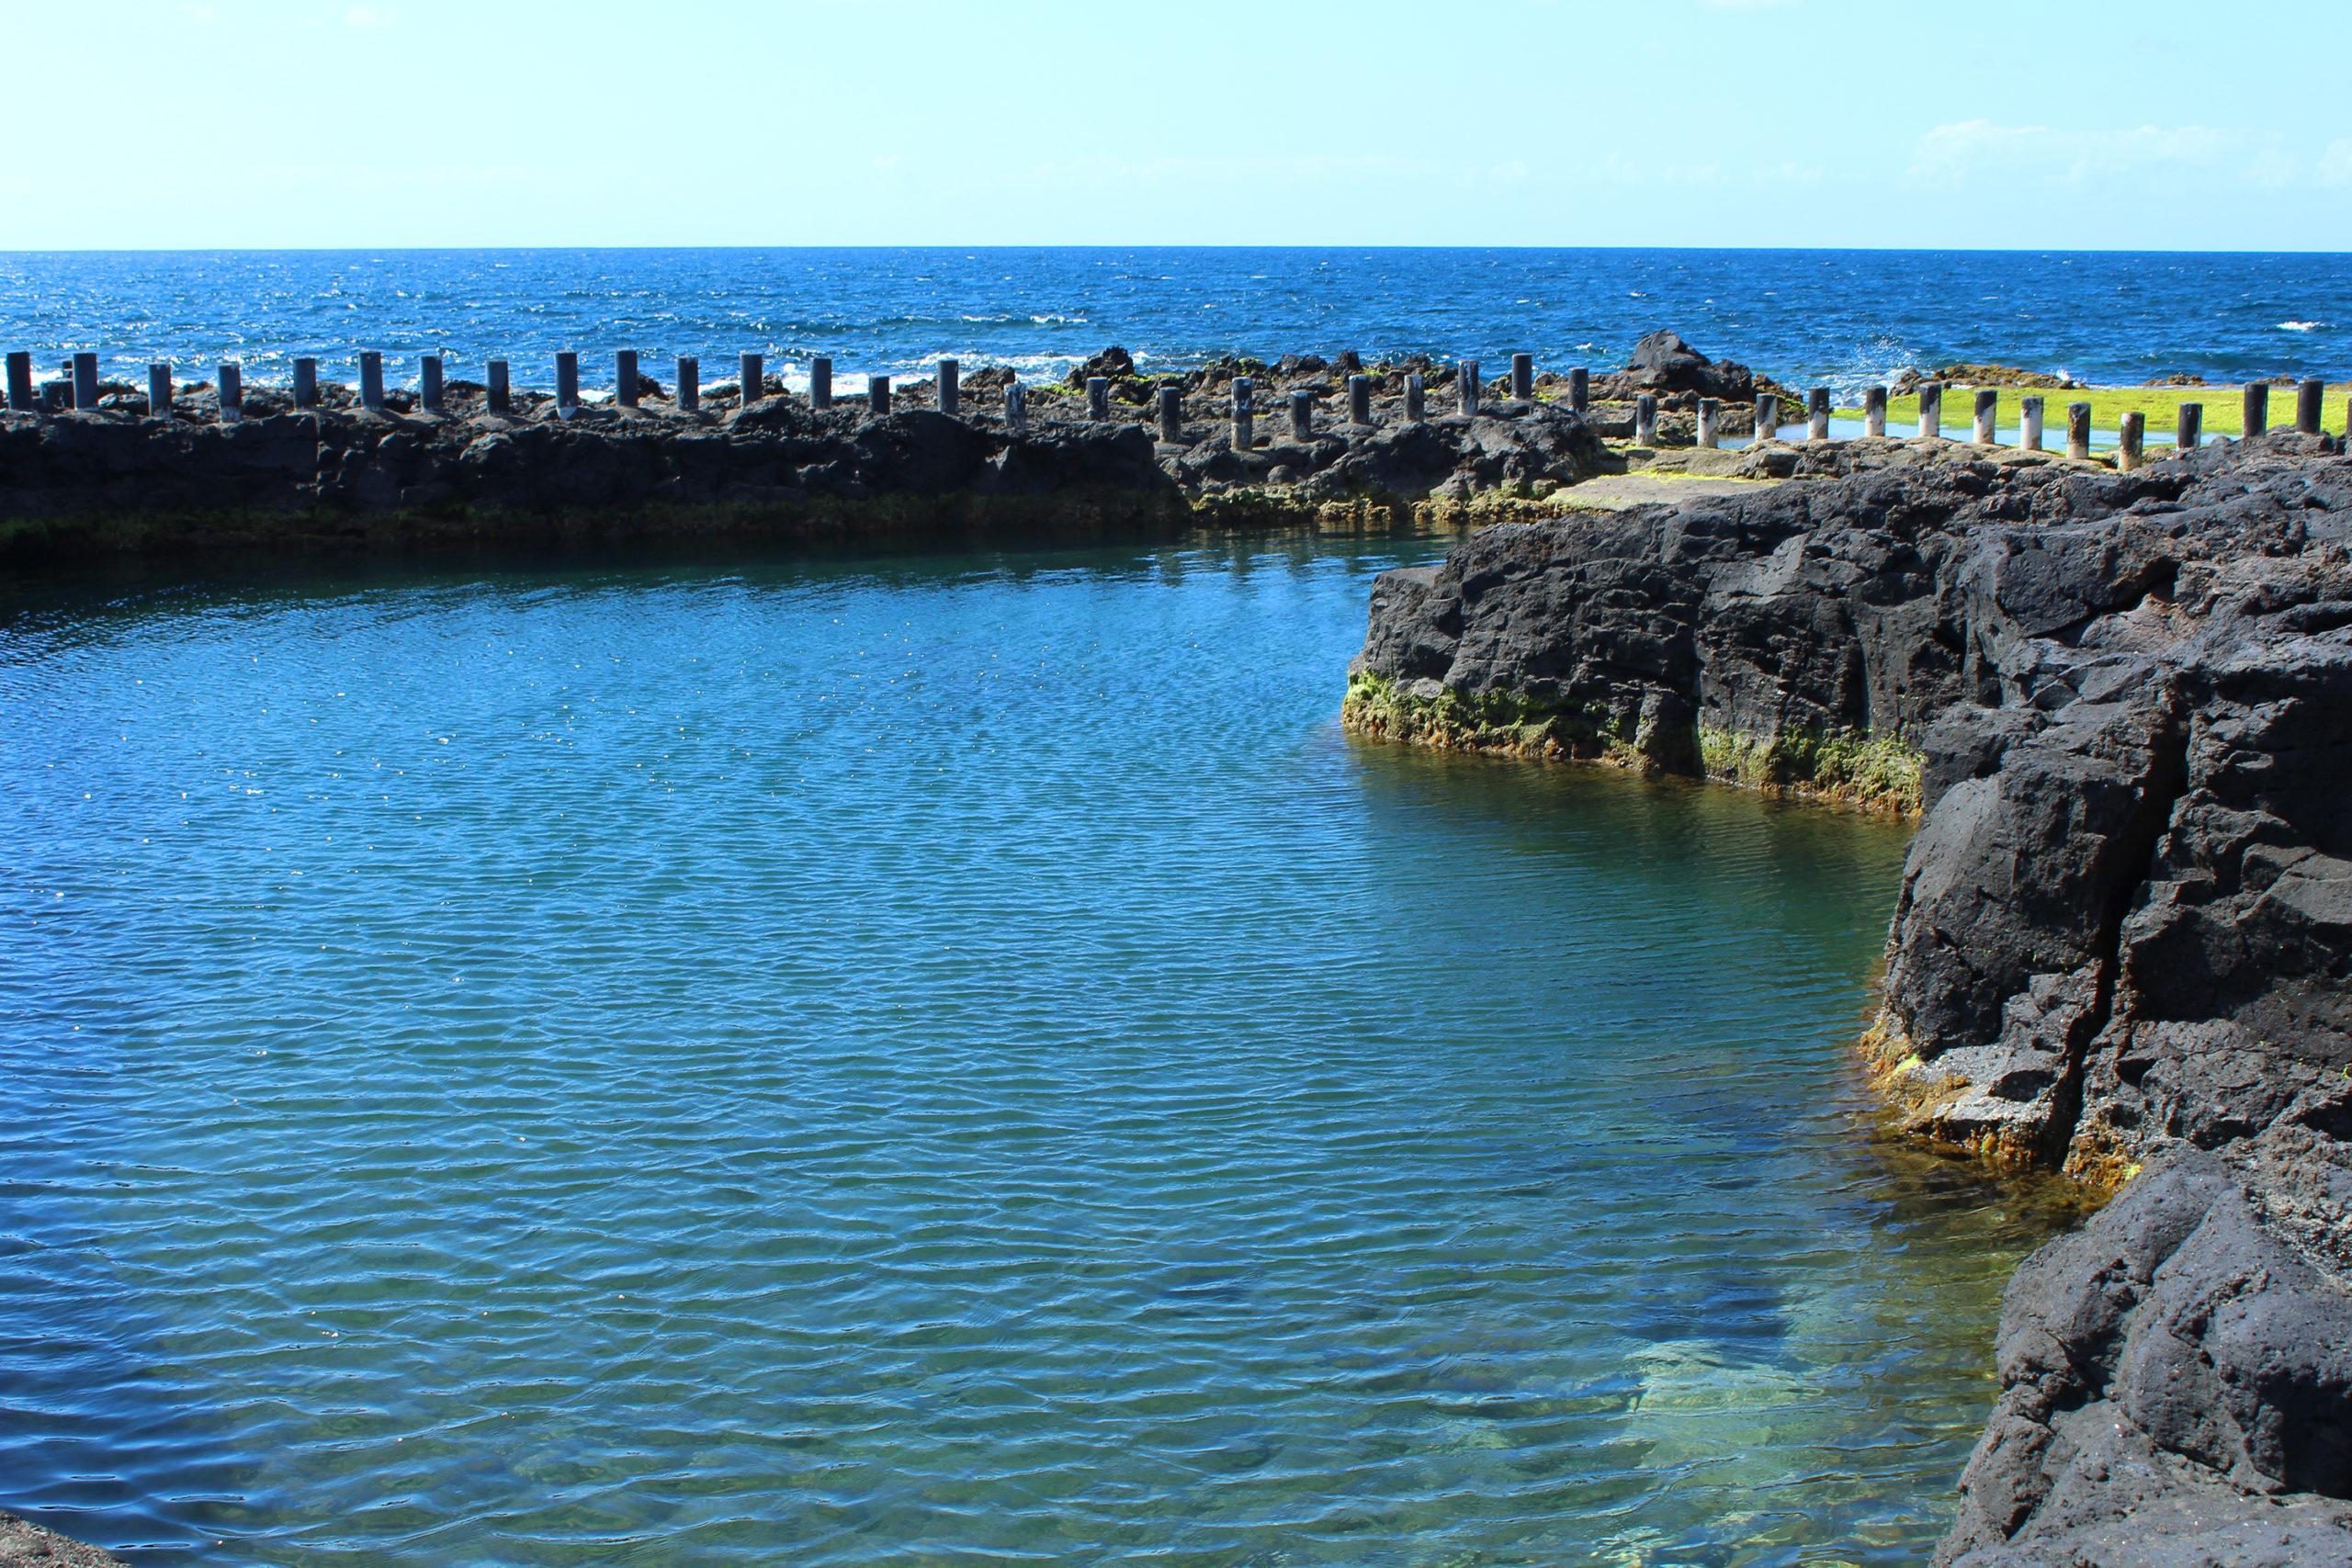 zbiornik wodny przy oceanie